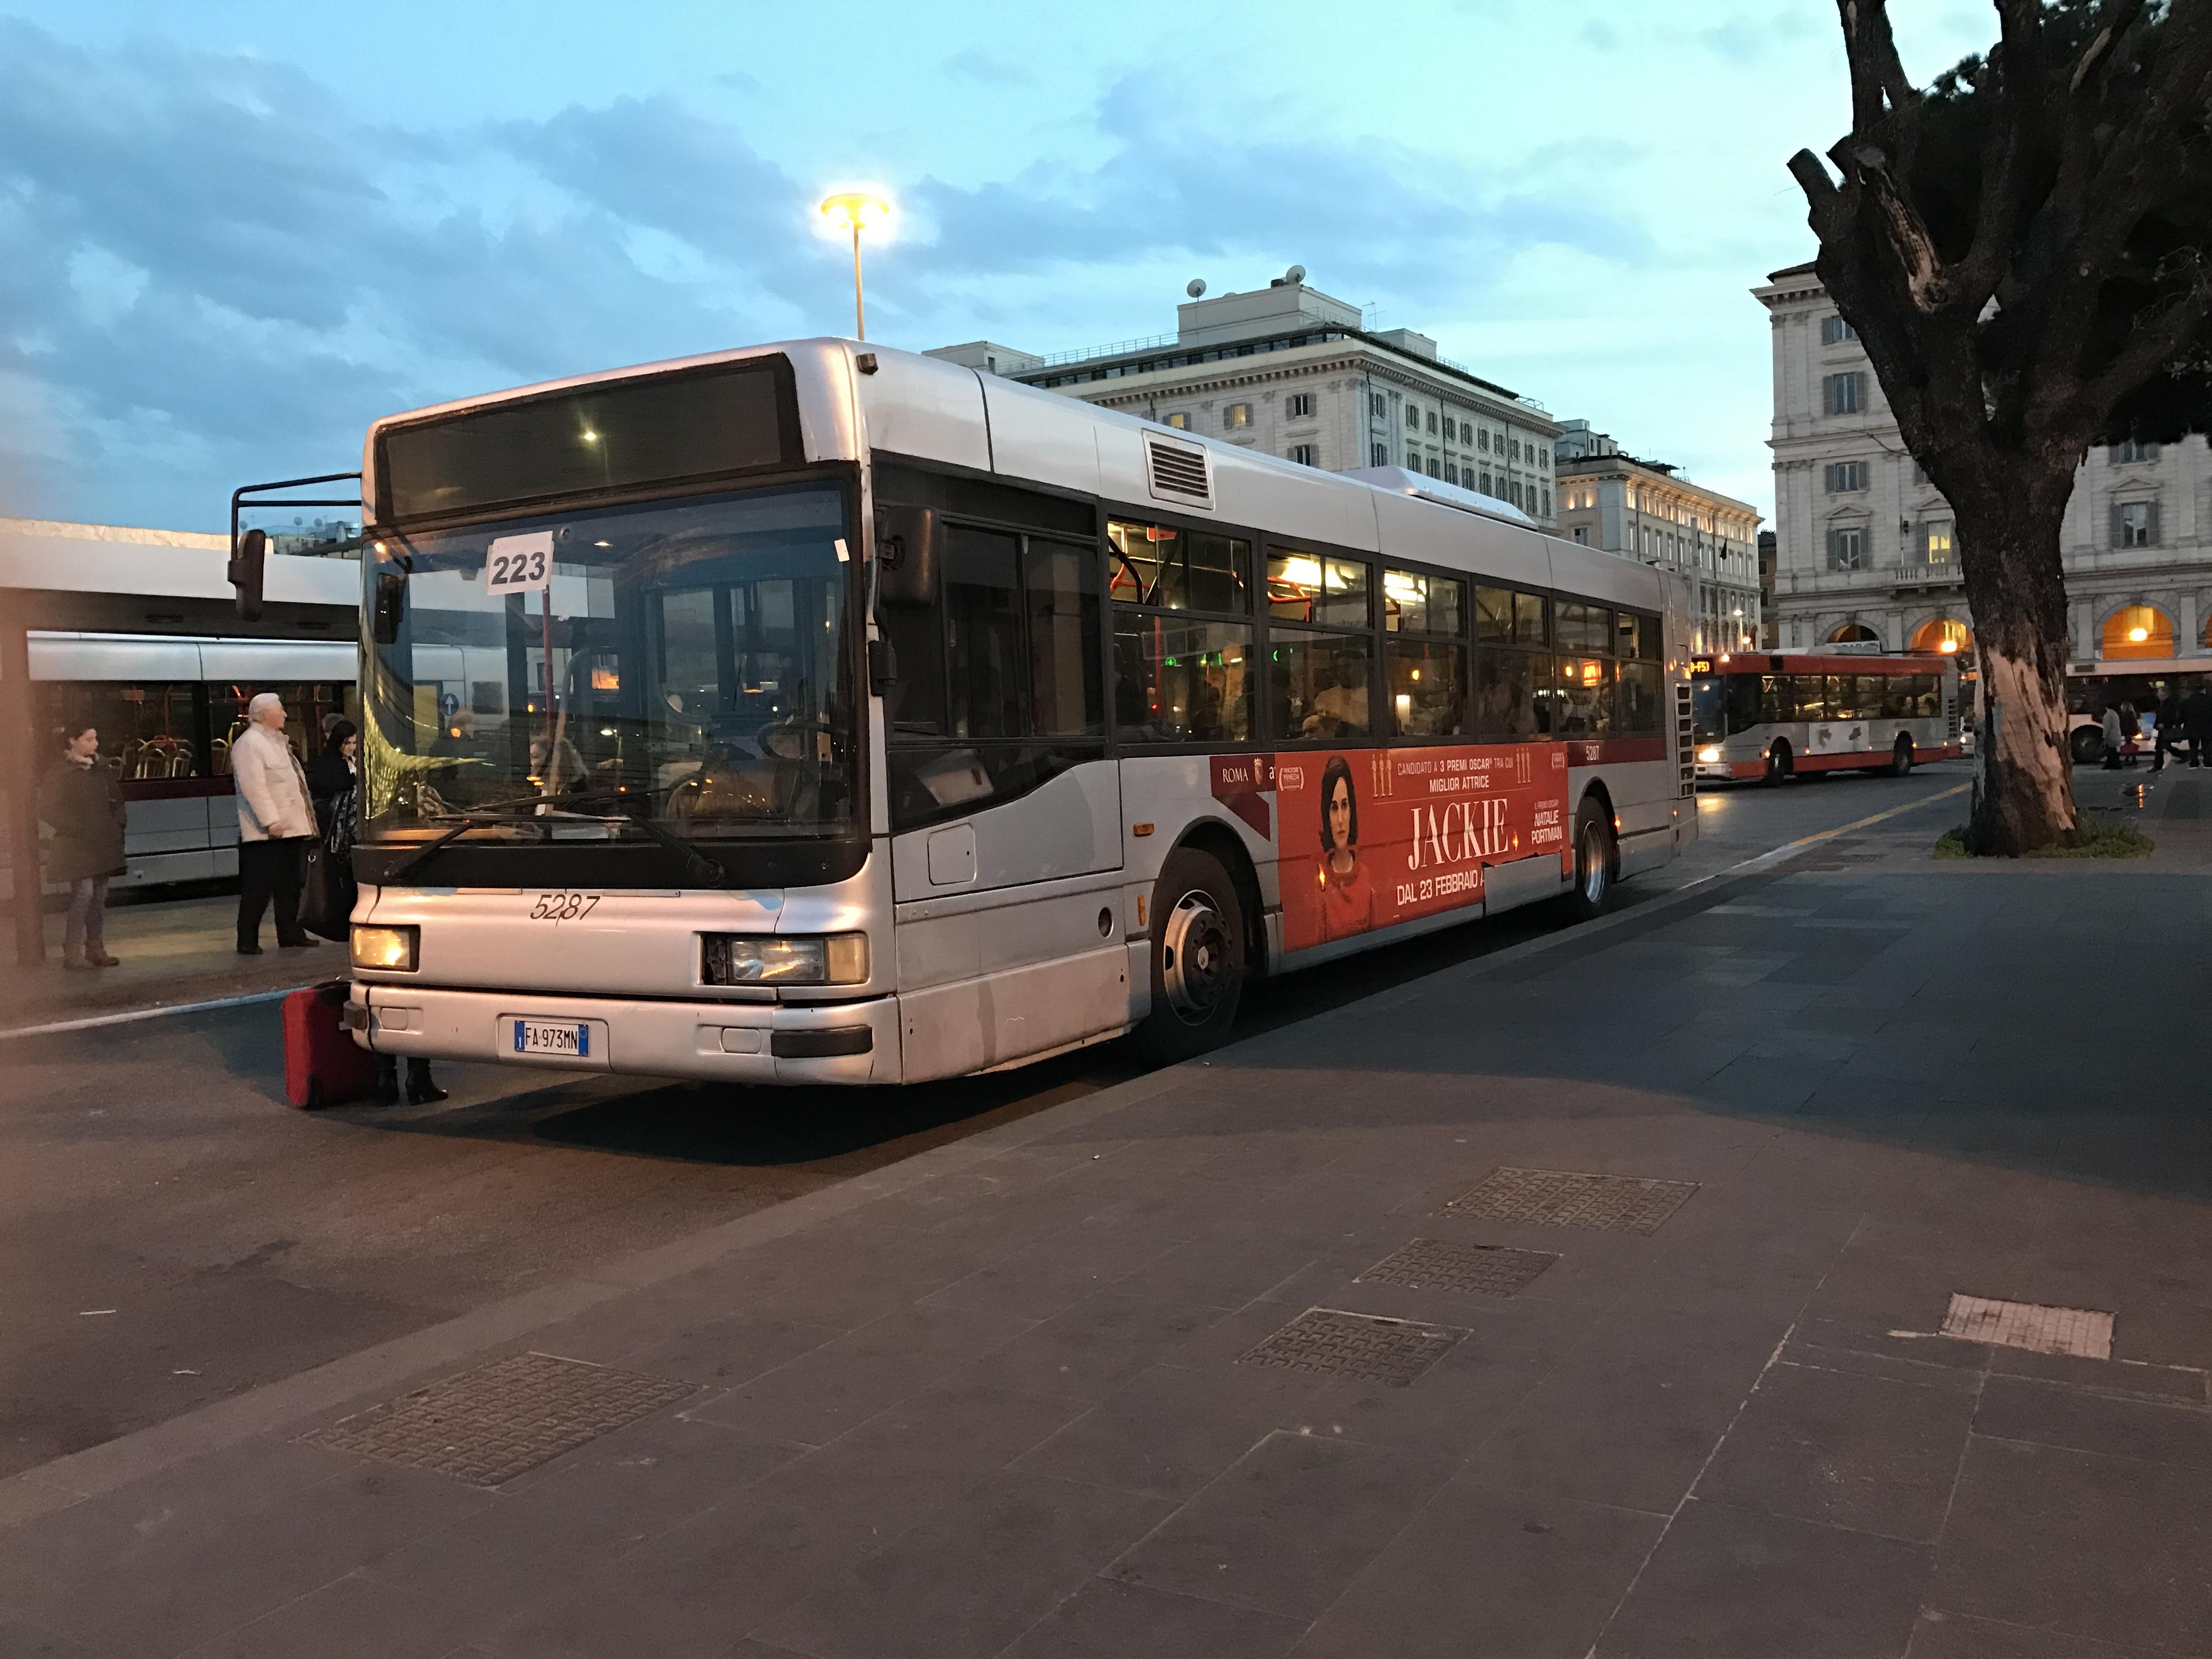 Inchiesta parentopoli l 39 atac fa scattare 33 licenziamenti for Roma mobile atac